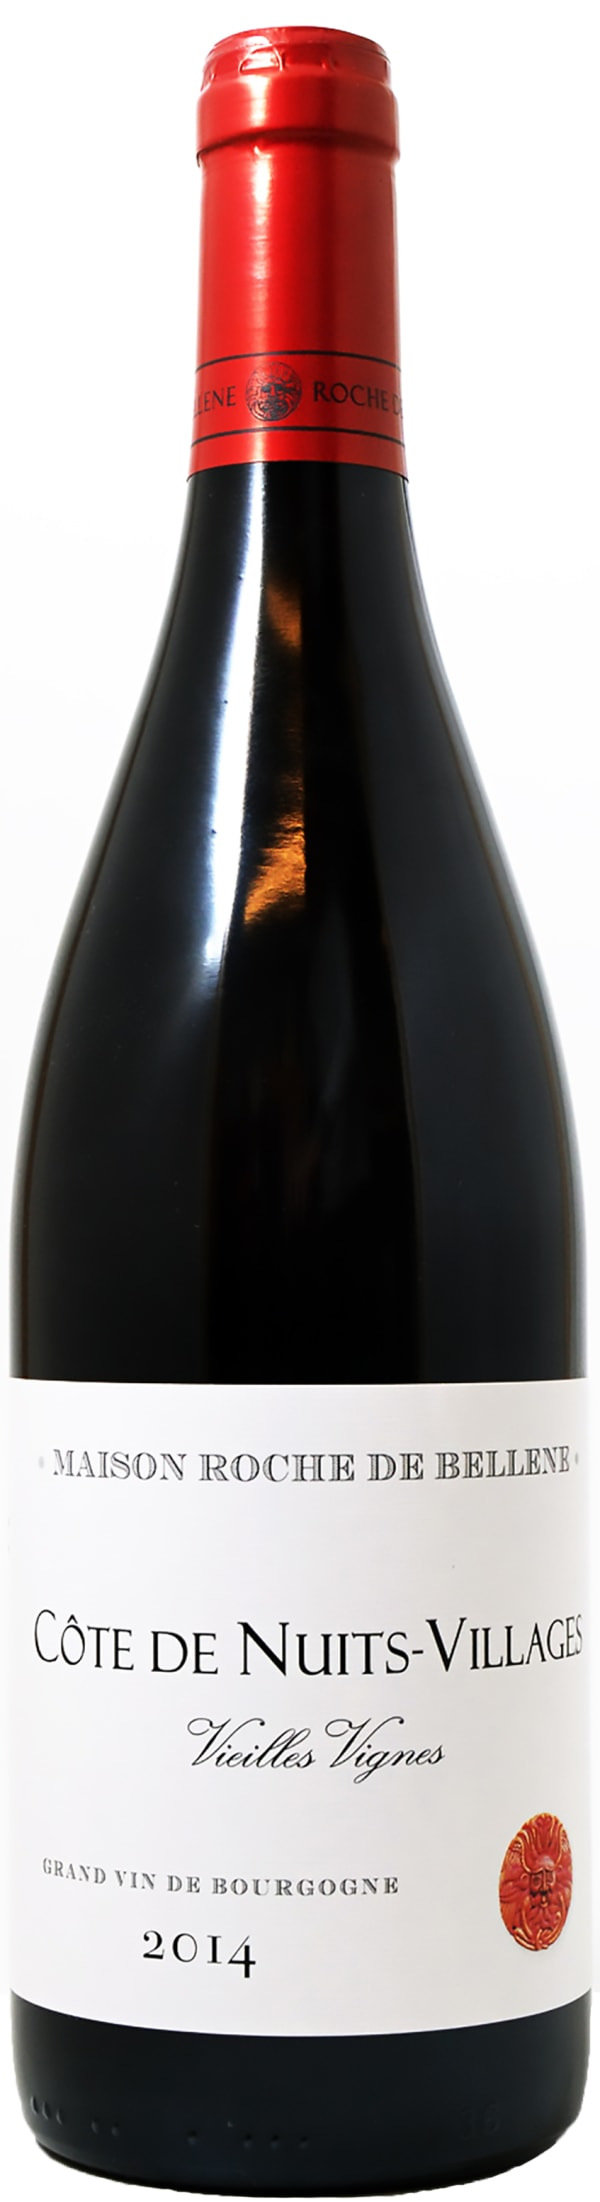 Maison Roche Vieilles Vignes 2018